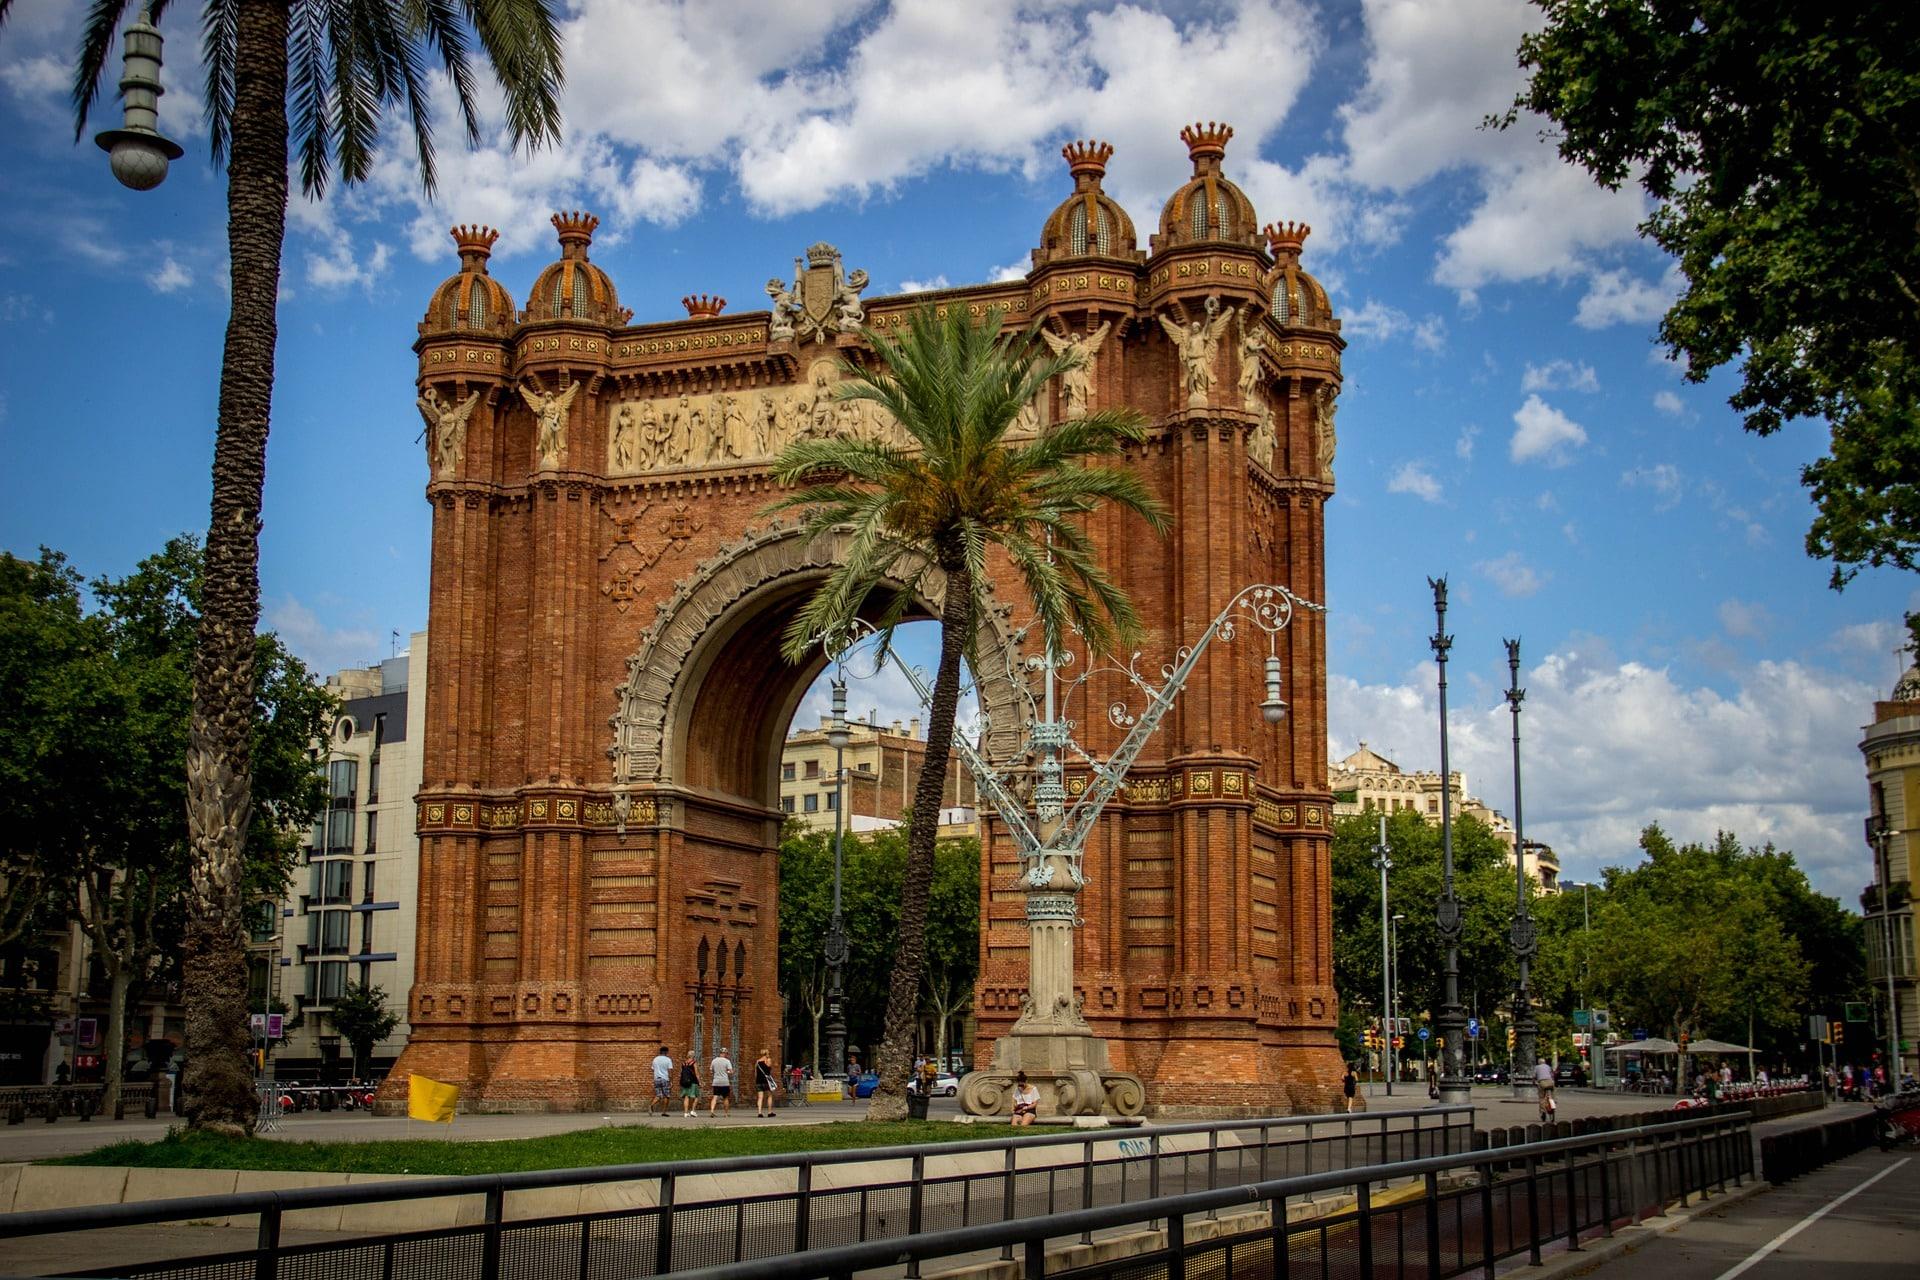 BCN, Catalunya, Àrea metropolitana, Espanya